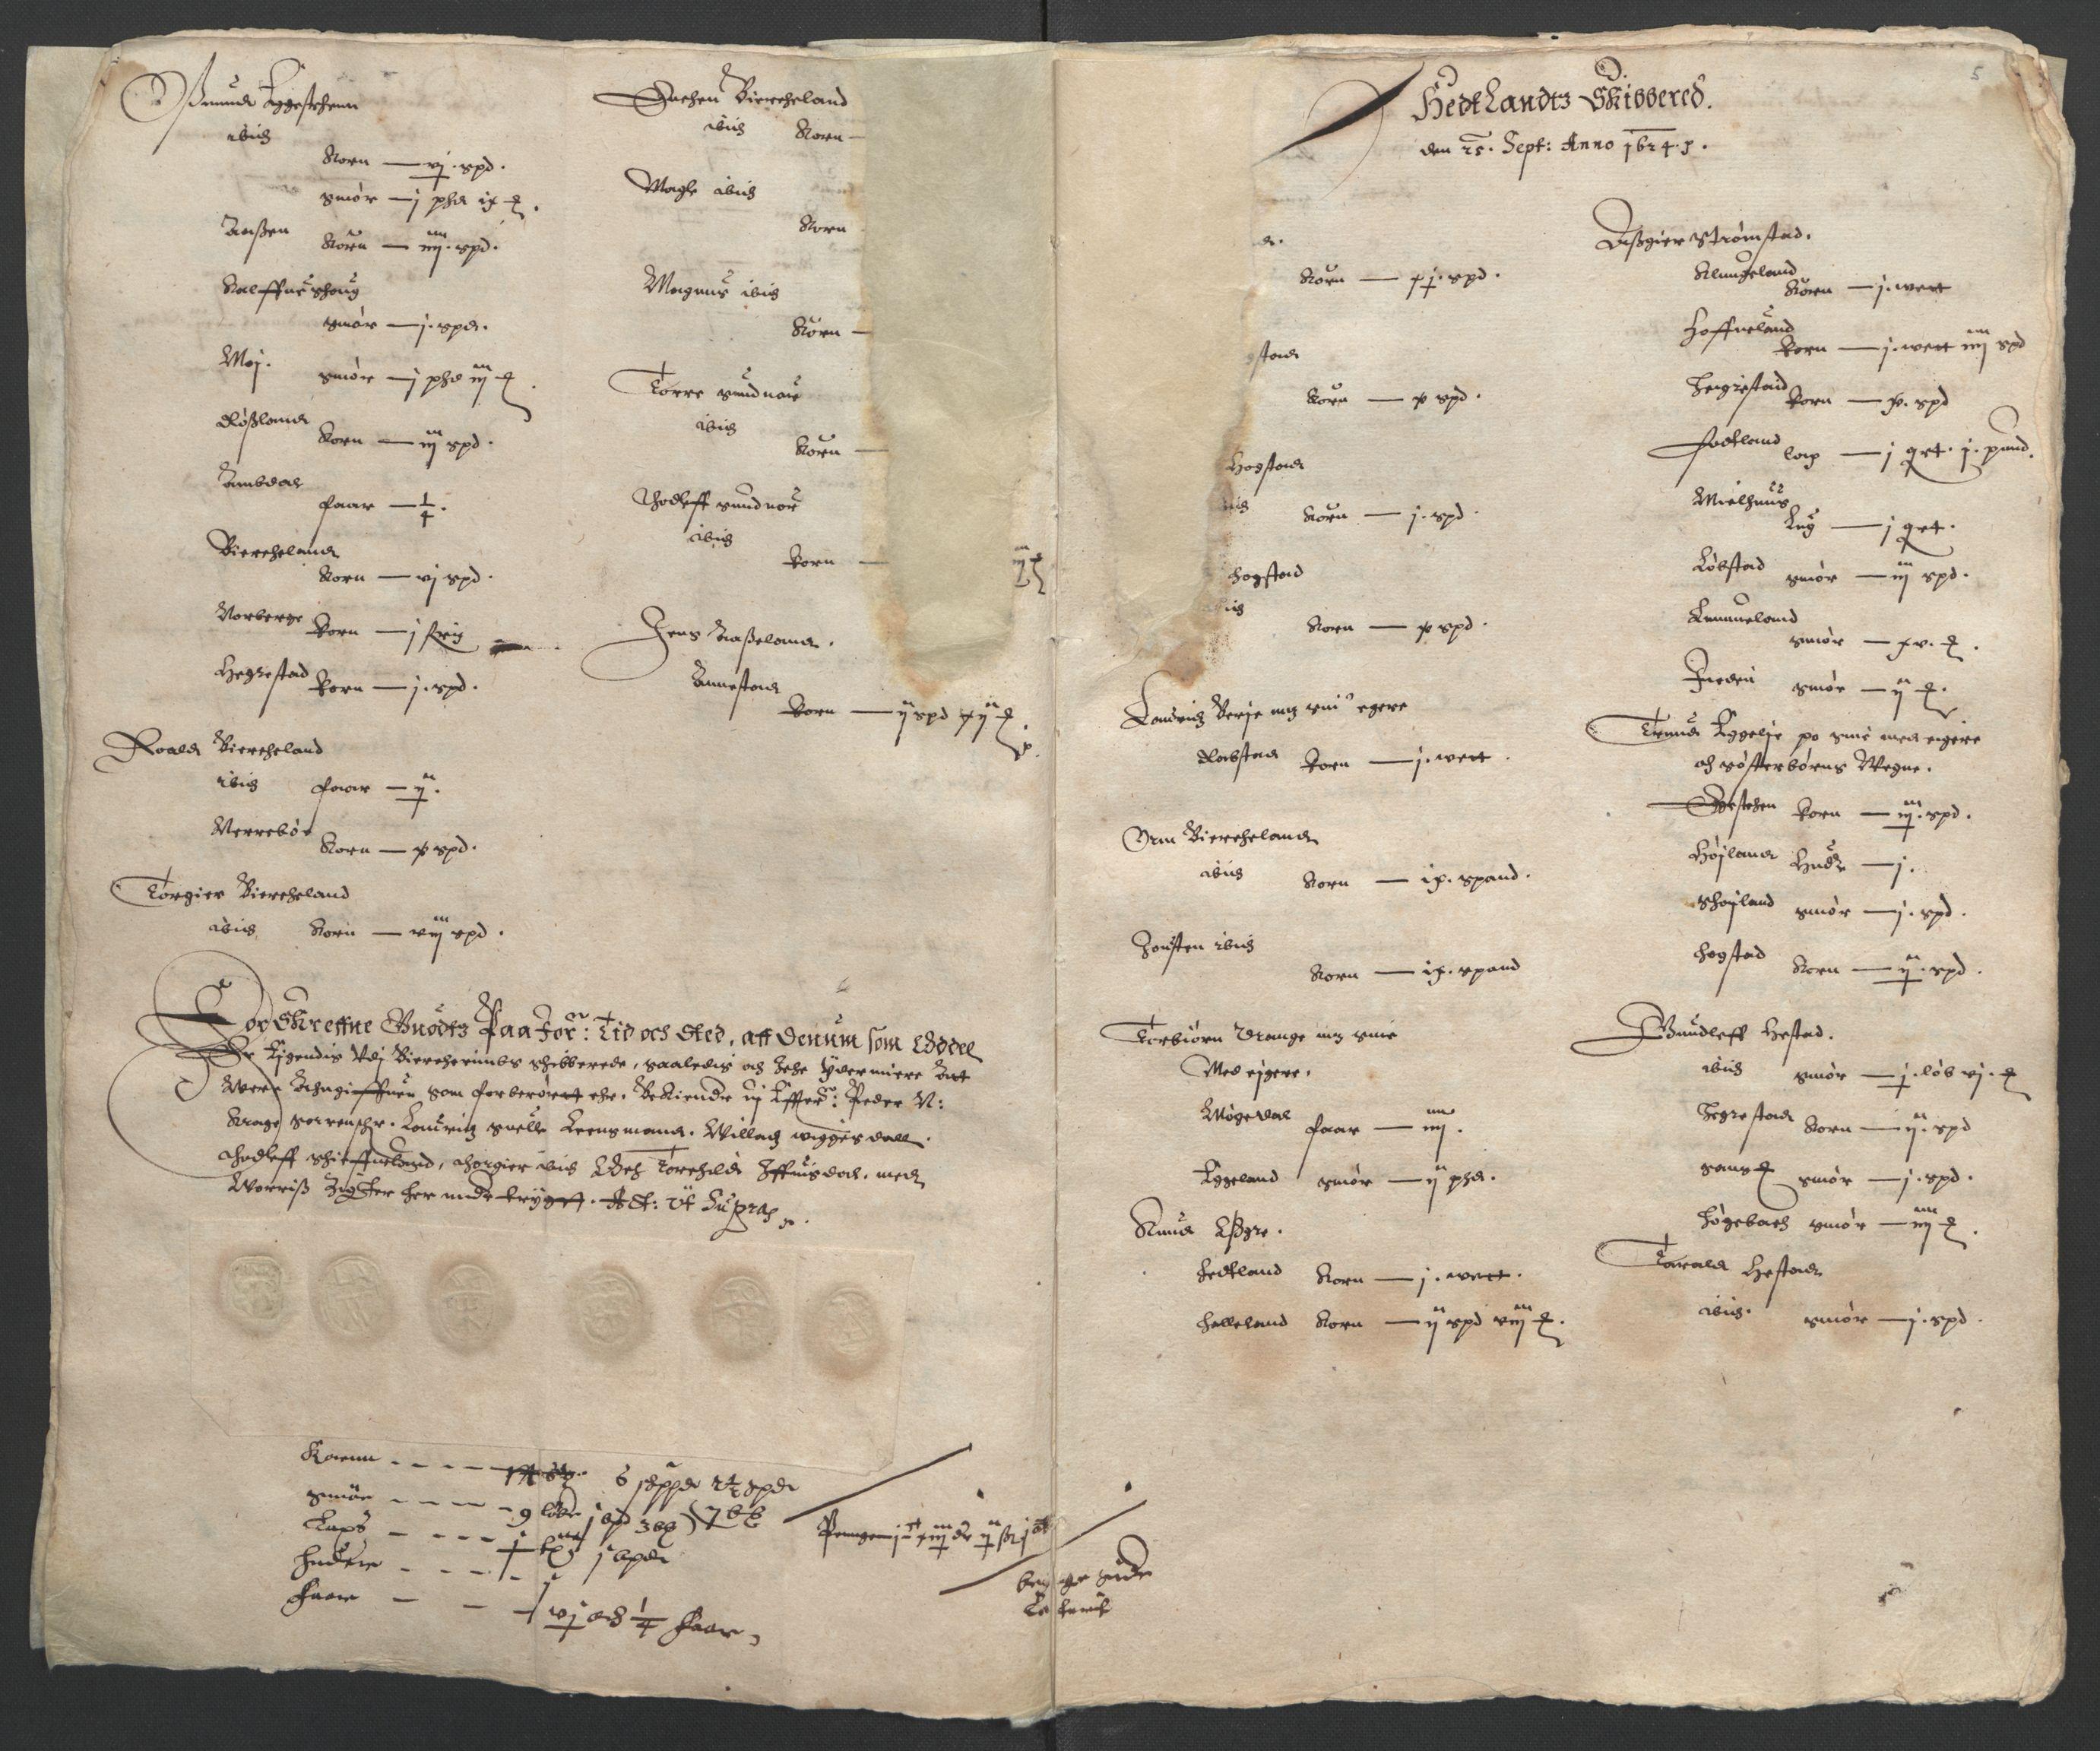 RA, Stattholderembetet 1572-1771, Ek/L0010: Jordebøker til utlikning av rosstjeneste 1624-1626:, 1624-1626, s. 39